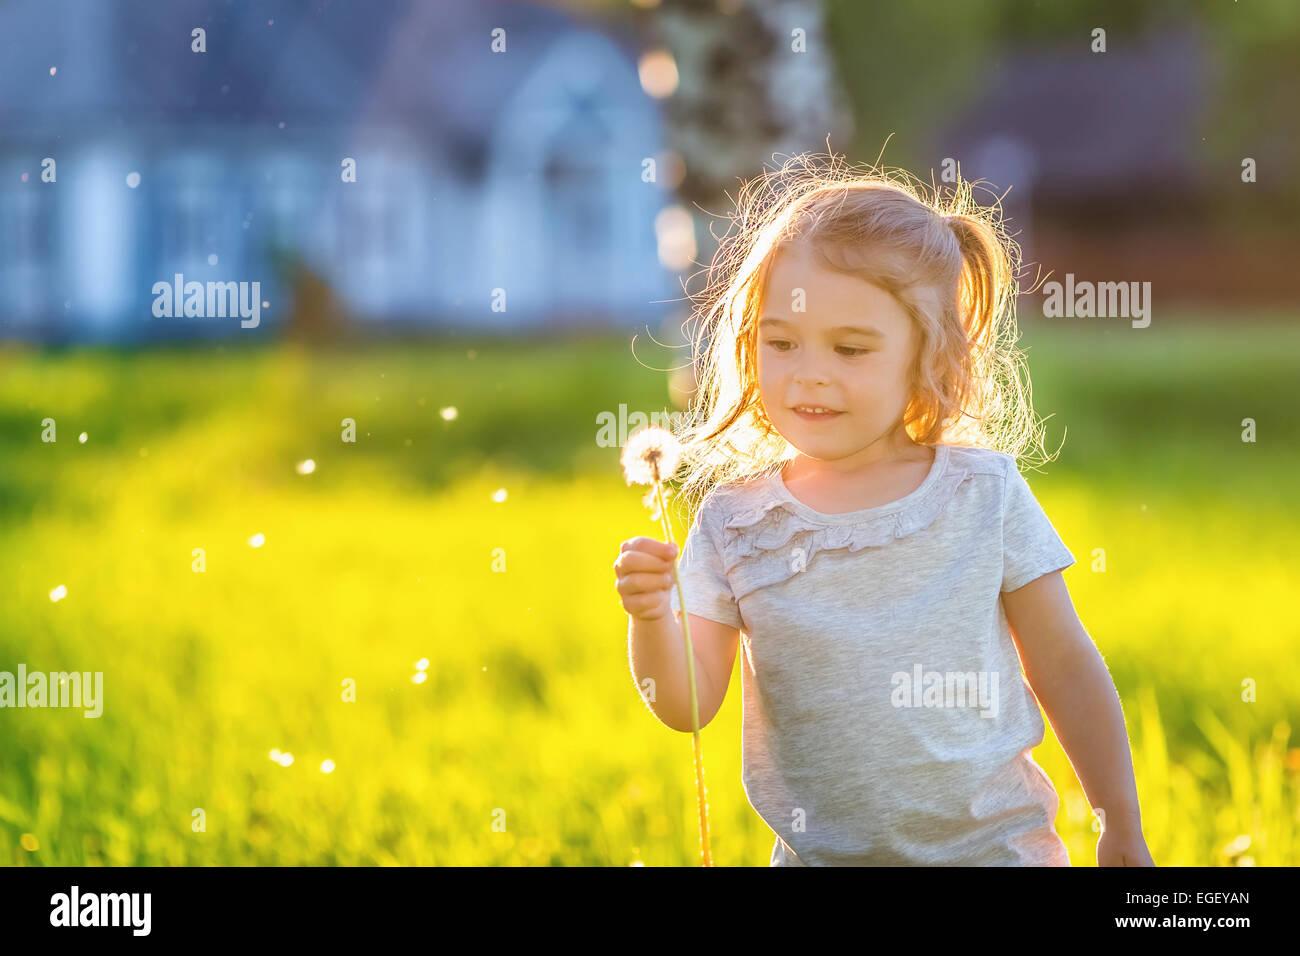 Petite fille au printemps sunny park Photo Stock